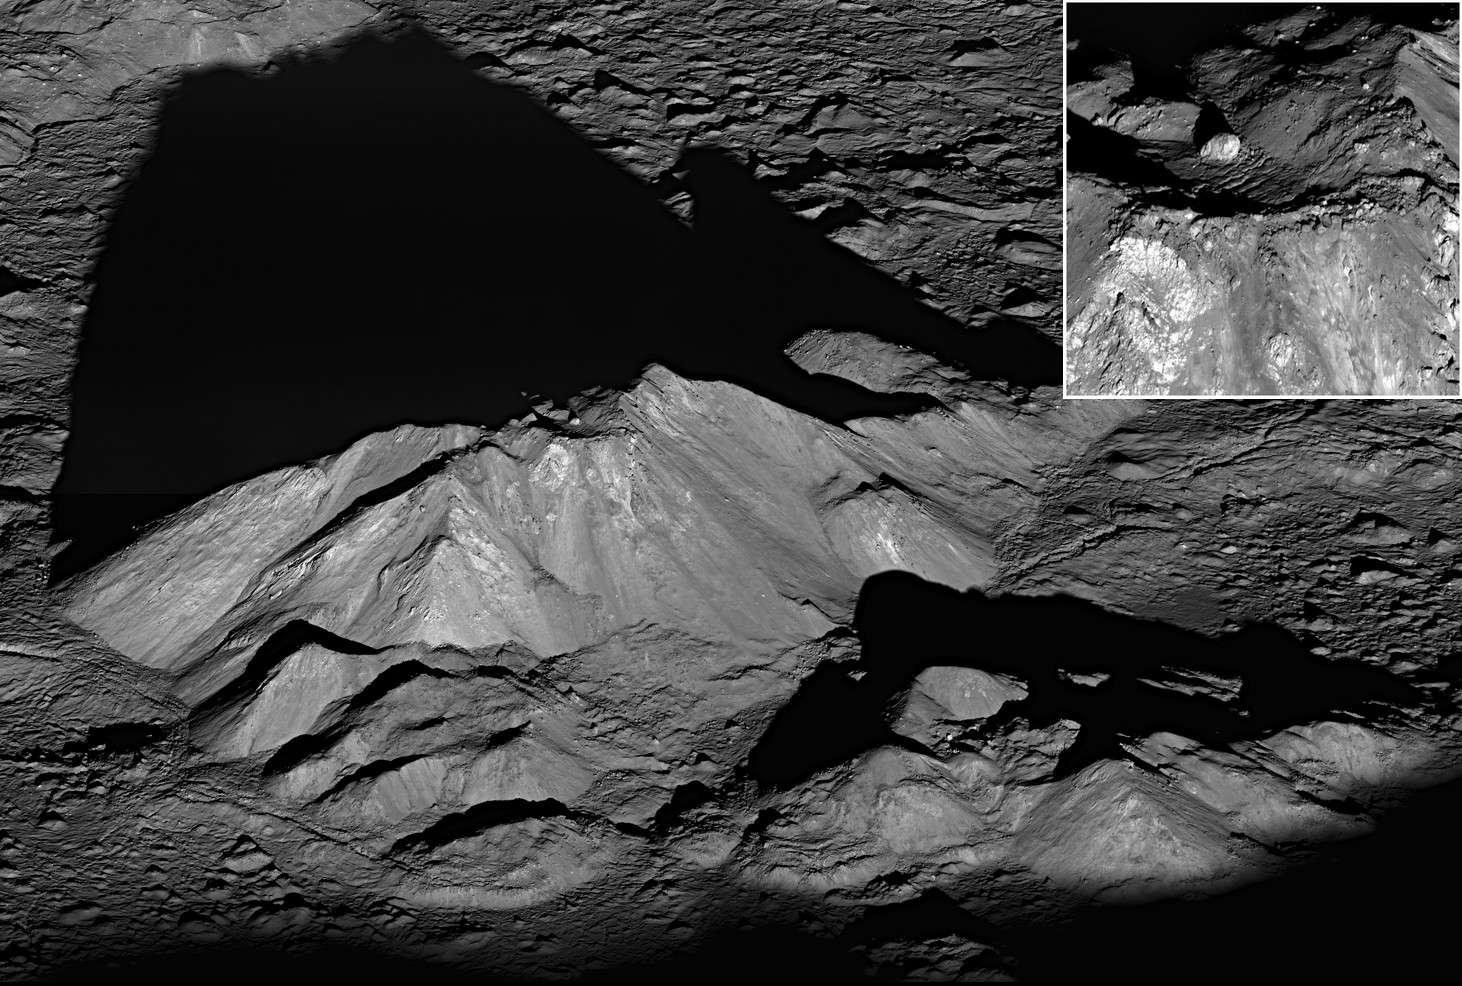 Le massif montagneux au centre du cratère lunaire Tycho comme on ne l'avait encore jamais vu. En médaillon gros plan sur le rocher posé au sommet. © Nasa/GSFC/Arizona State University